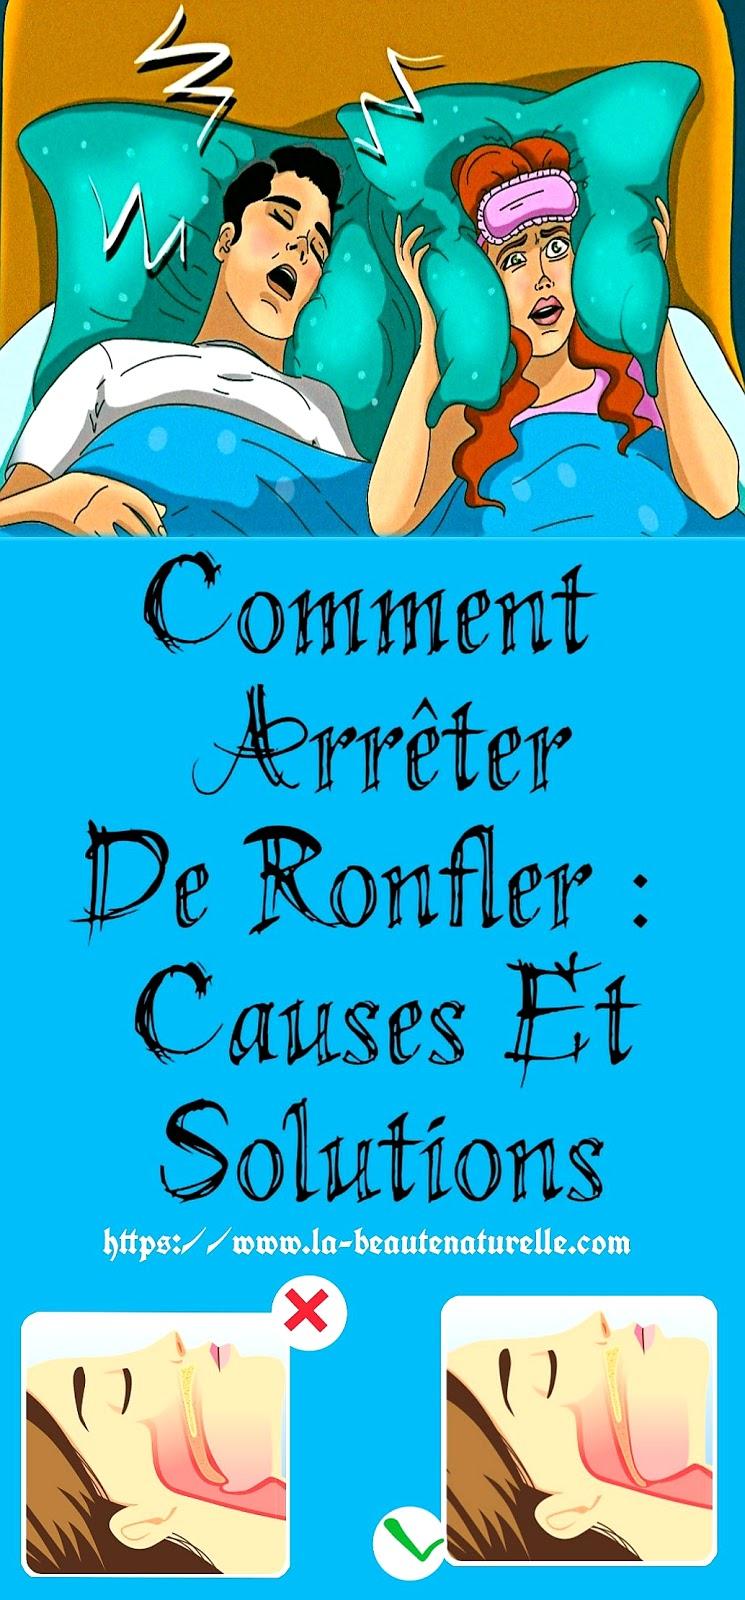 Comment Arrêter De Ronfler : Causes Et Solutions